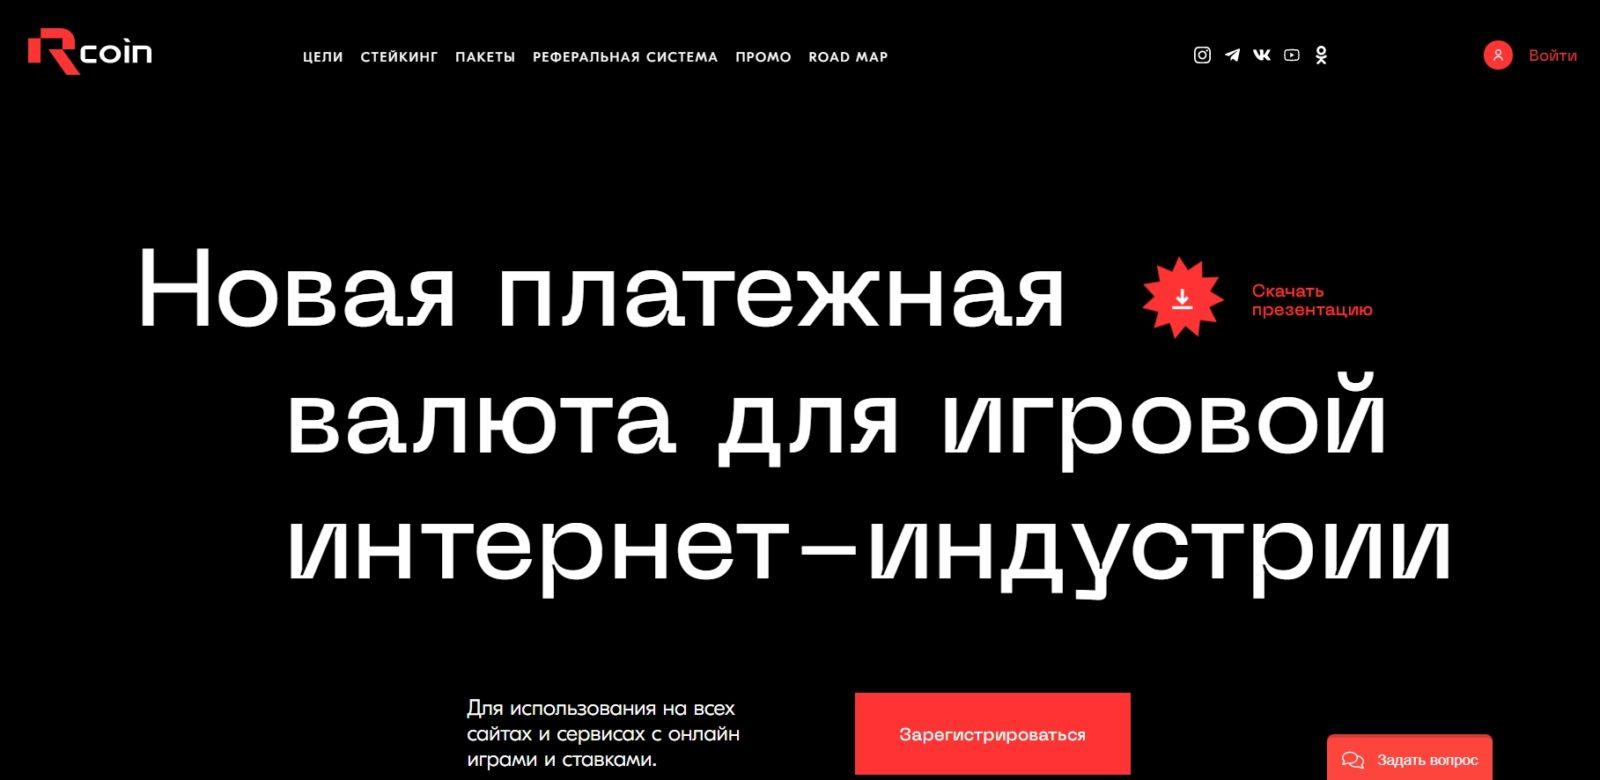 Сайт трейдера R-coin